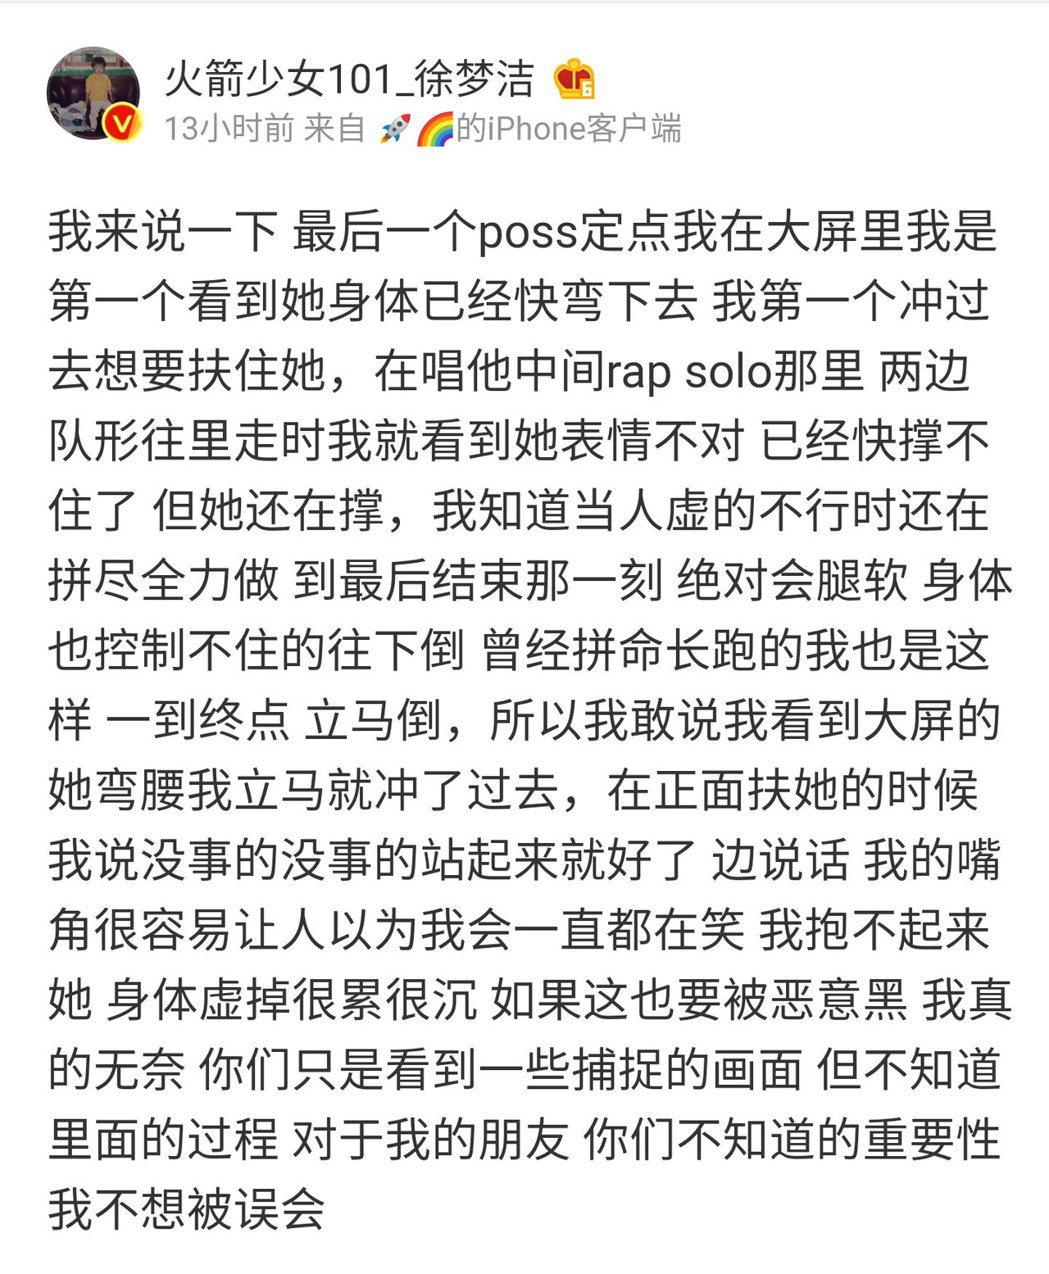 徐夢潔發文還原事發經過。 圖/擷自徐夢潔微博